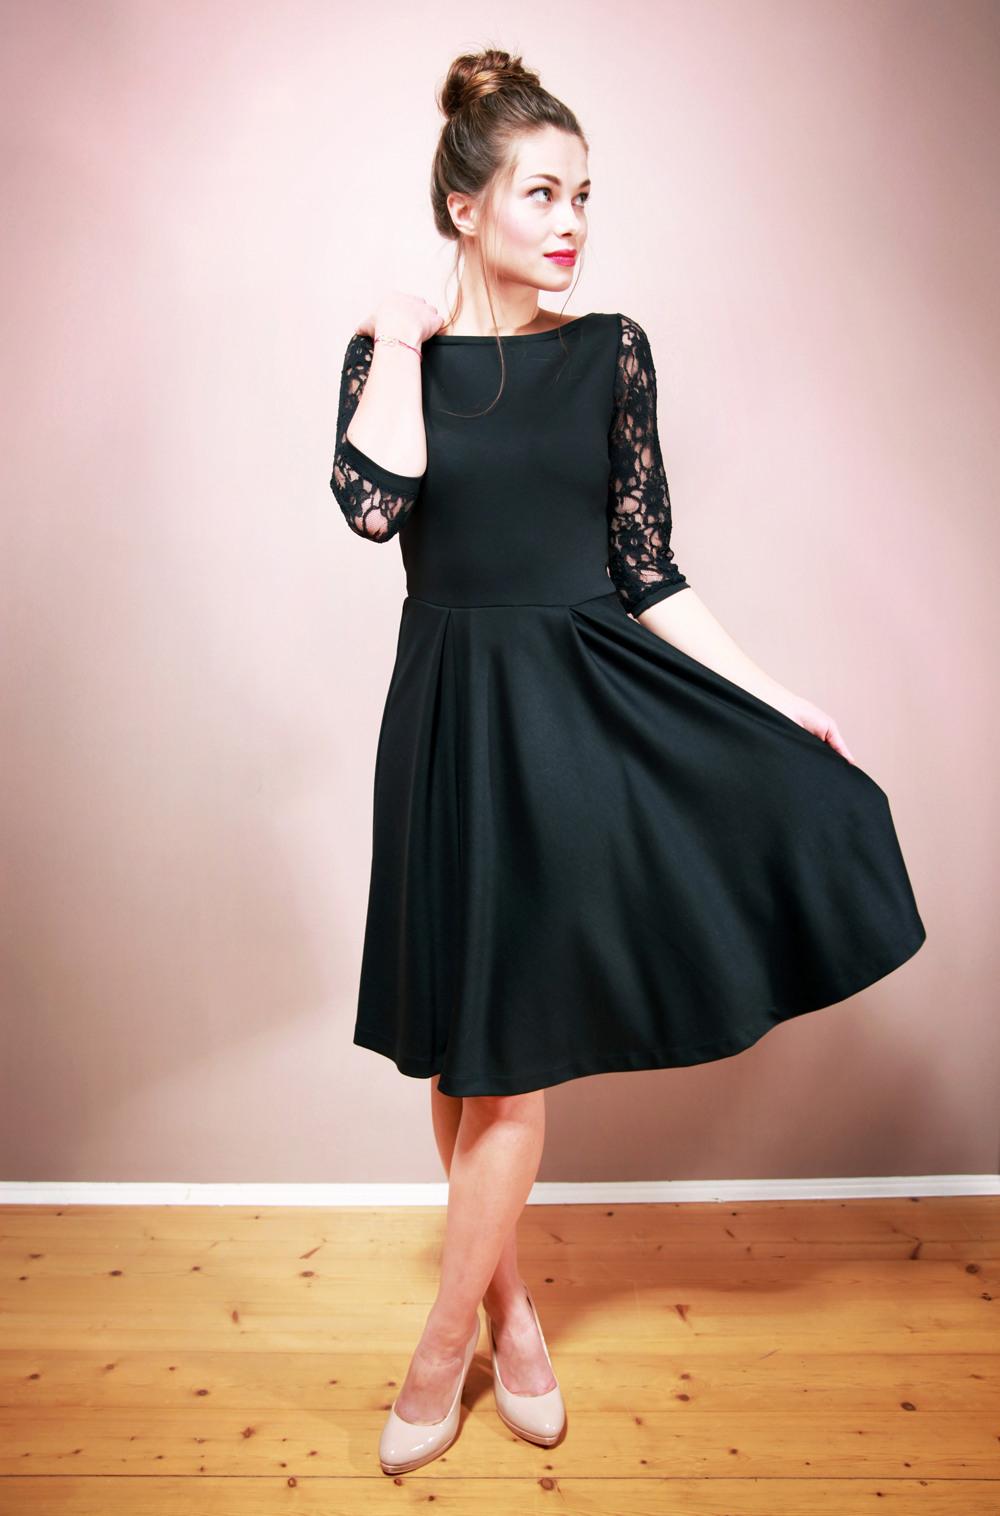 20 Elegant Kleid Nachtblau Stylish20 Schön Kleid Nachtblau für 2019